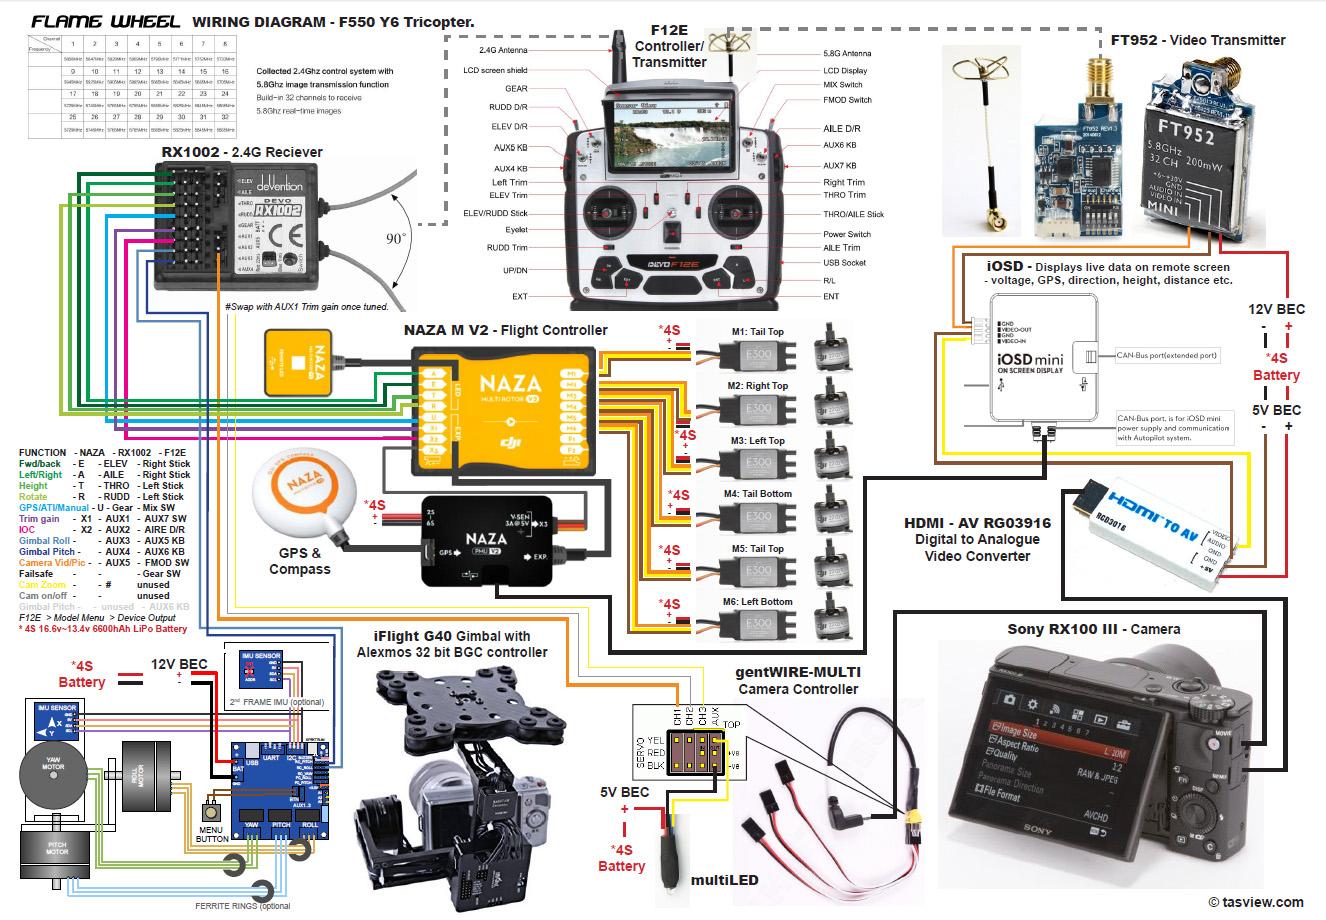 dji wiring diagram wiring diagram update dji naza zenmuse wiring diagram naza wiring diagram getting started